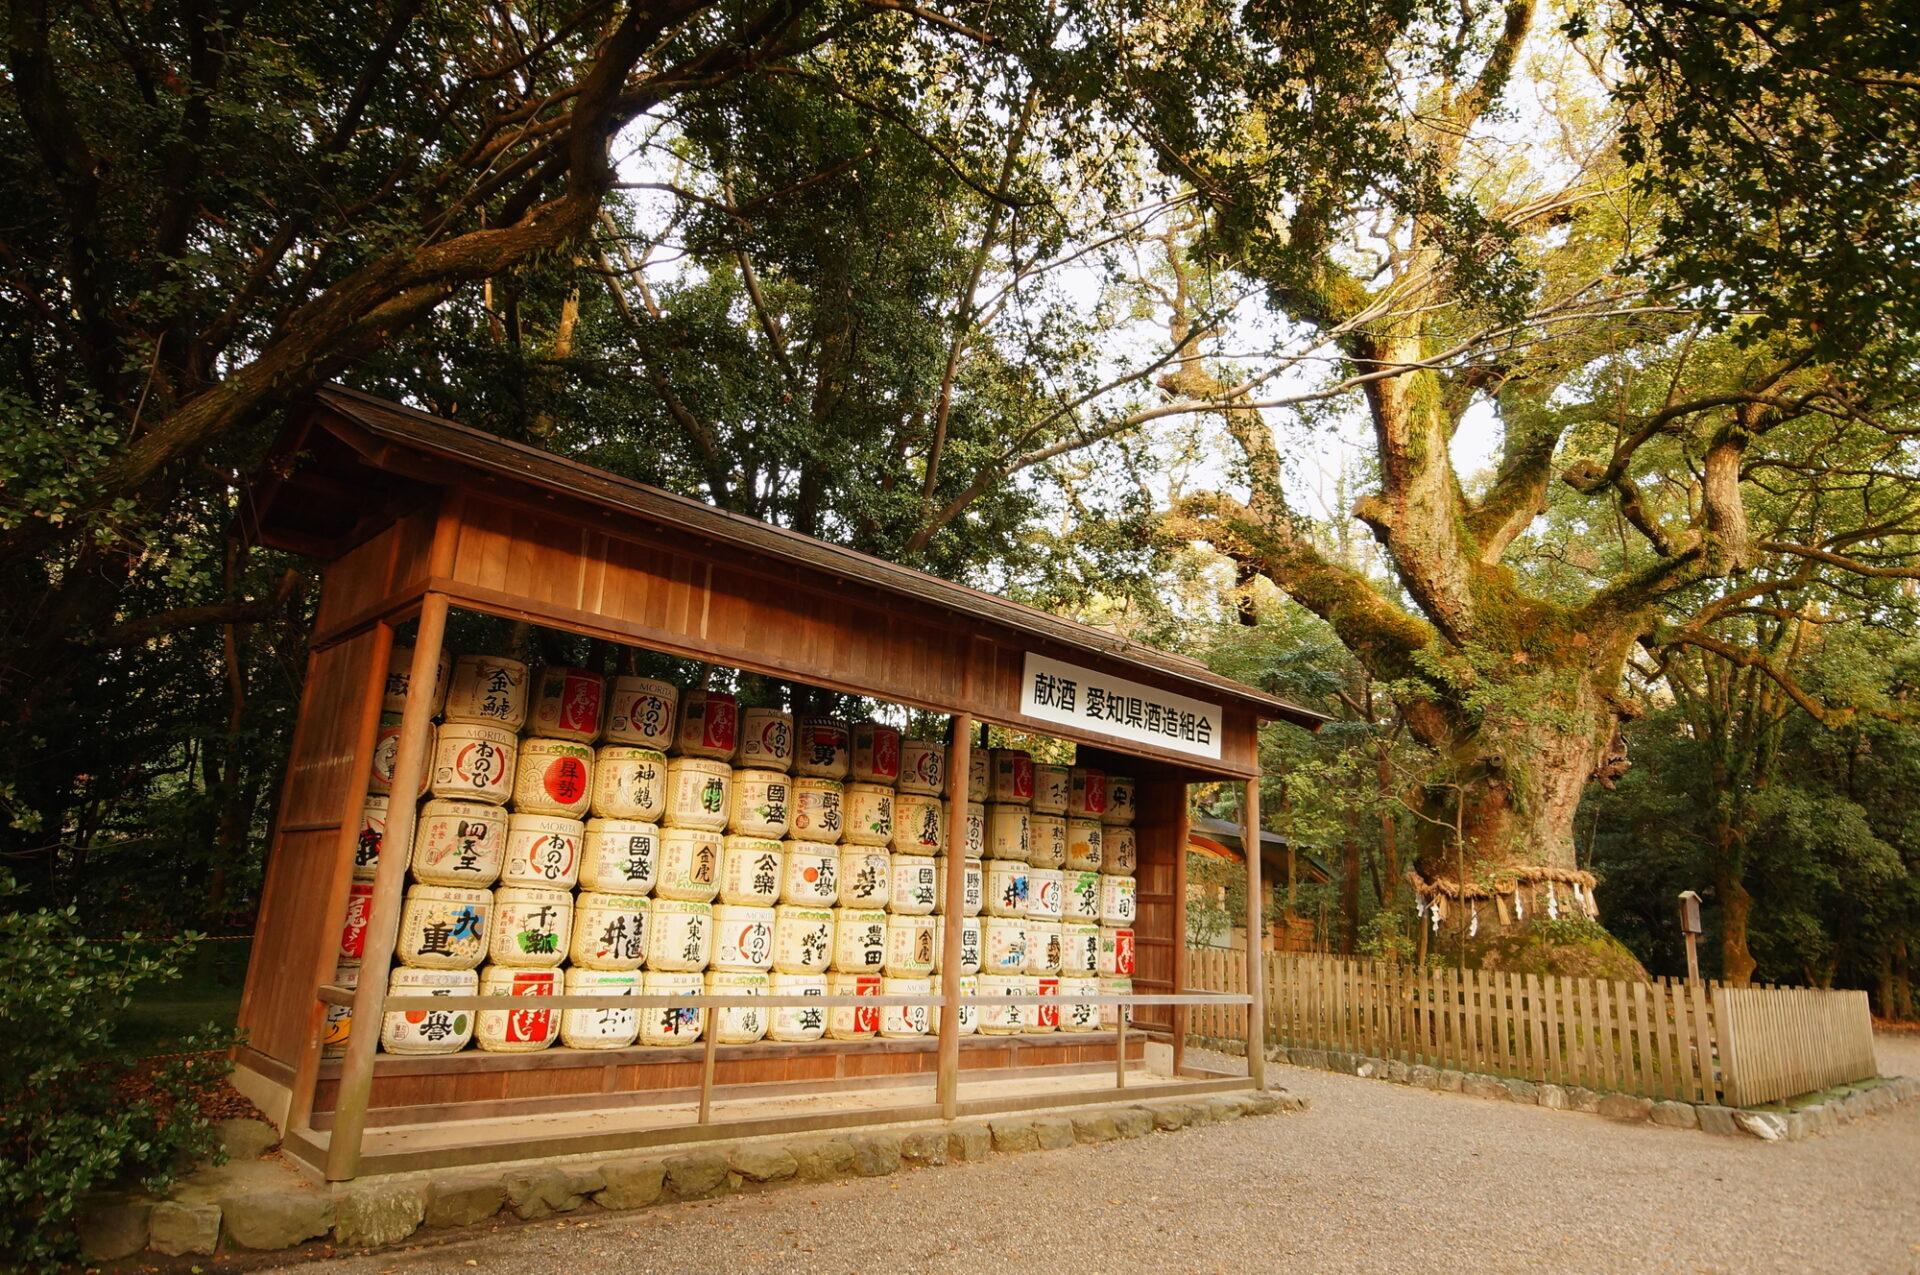 神社にある献酒された酒樽